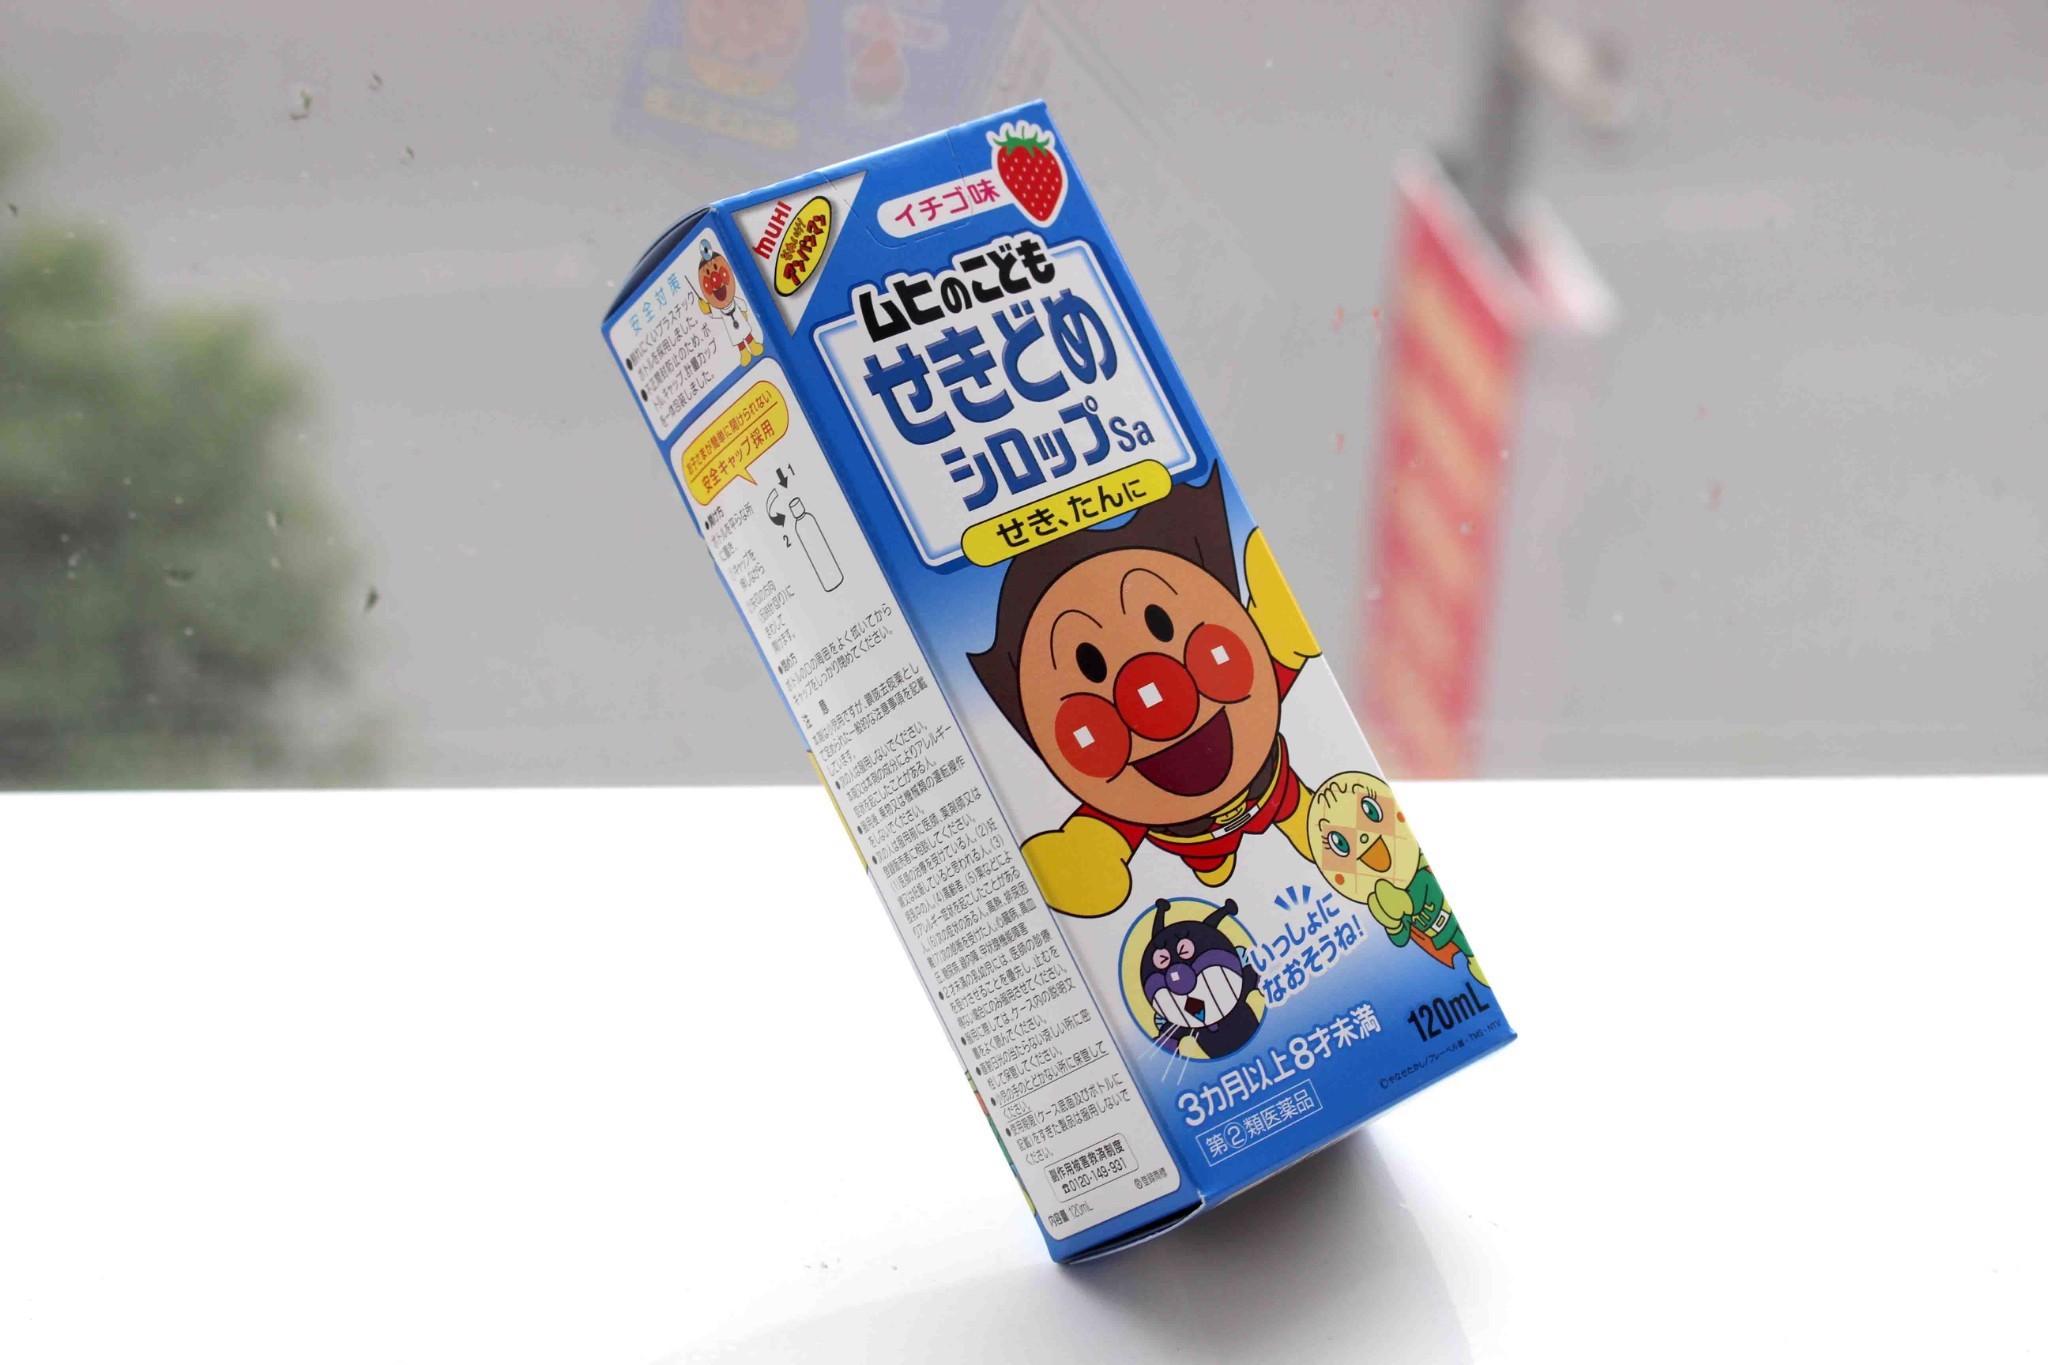 siro muhi đỏ, siro muhi hồng, siro muhi xanh lá, siro muhi review, siro muhi cảm lạnh, siro muhi xanh dương, siro muhi hạ sốt, siro muhi ho đờm, cách sử dụng siro muhi, cách dùng siro muhi xanh lá, cách mở nắp siro muhi, siro muhi của nhật, siro ho muhi review, review siro muhi xanh lá cây, review siro trị ho muhi, siro muhi có tốt không, siro muhi xanh lá có tốt không, siro muhi các loại, mua siro muhi ở đâu